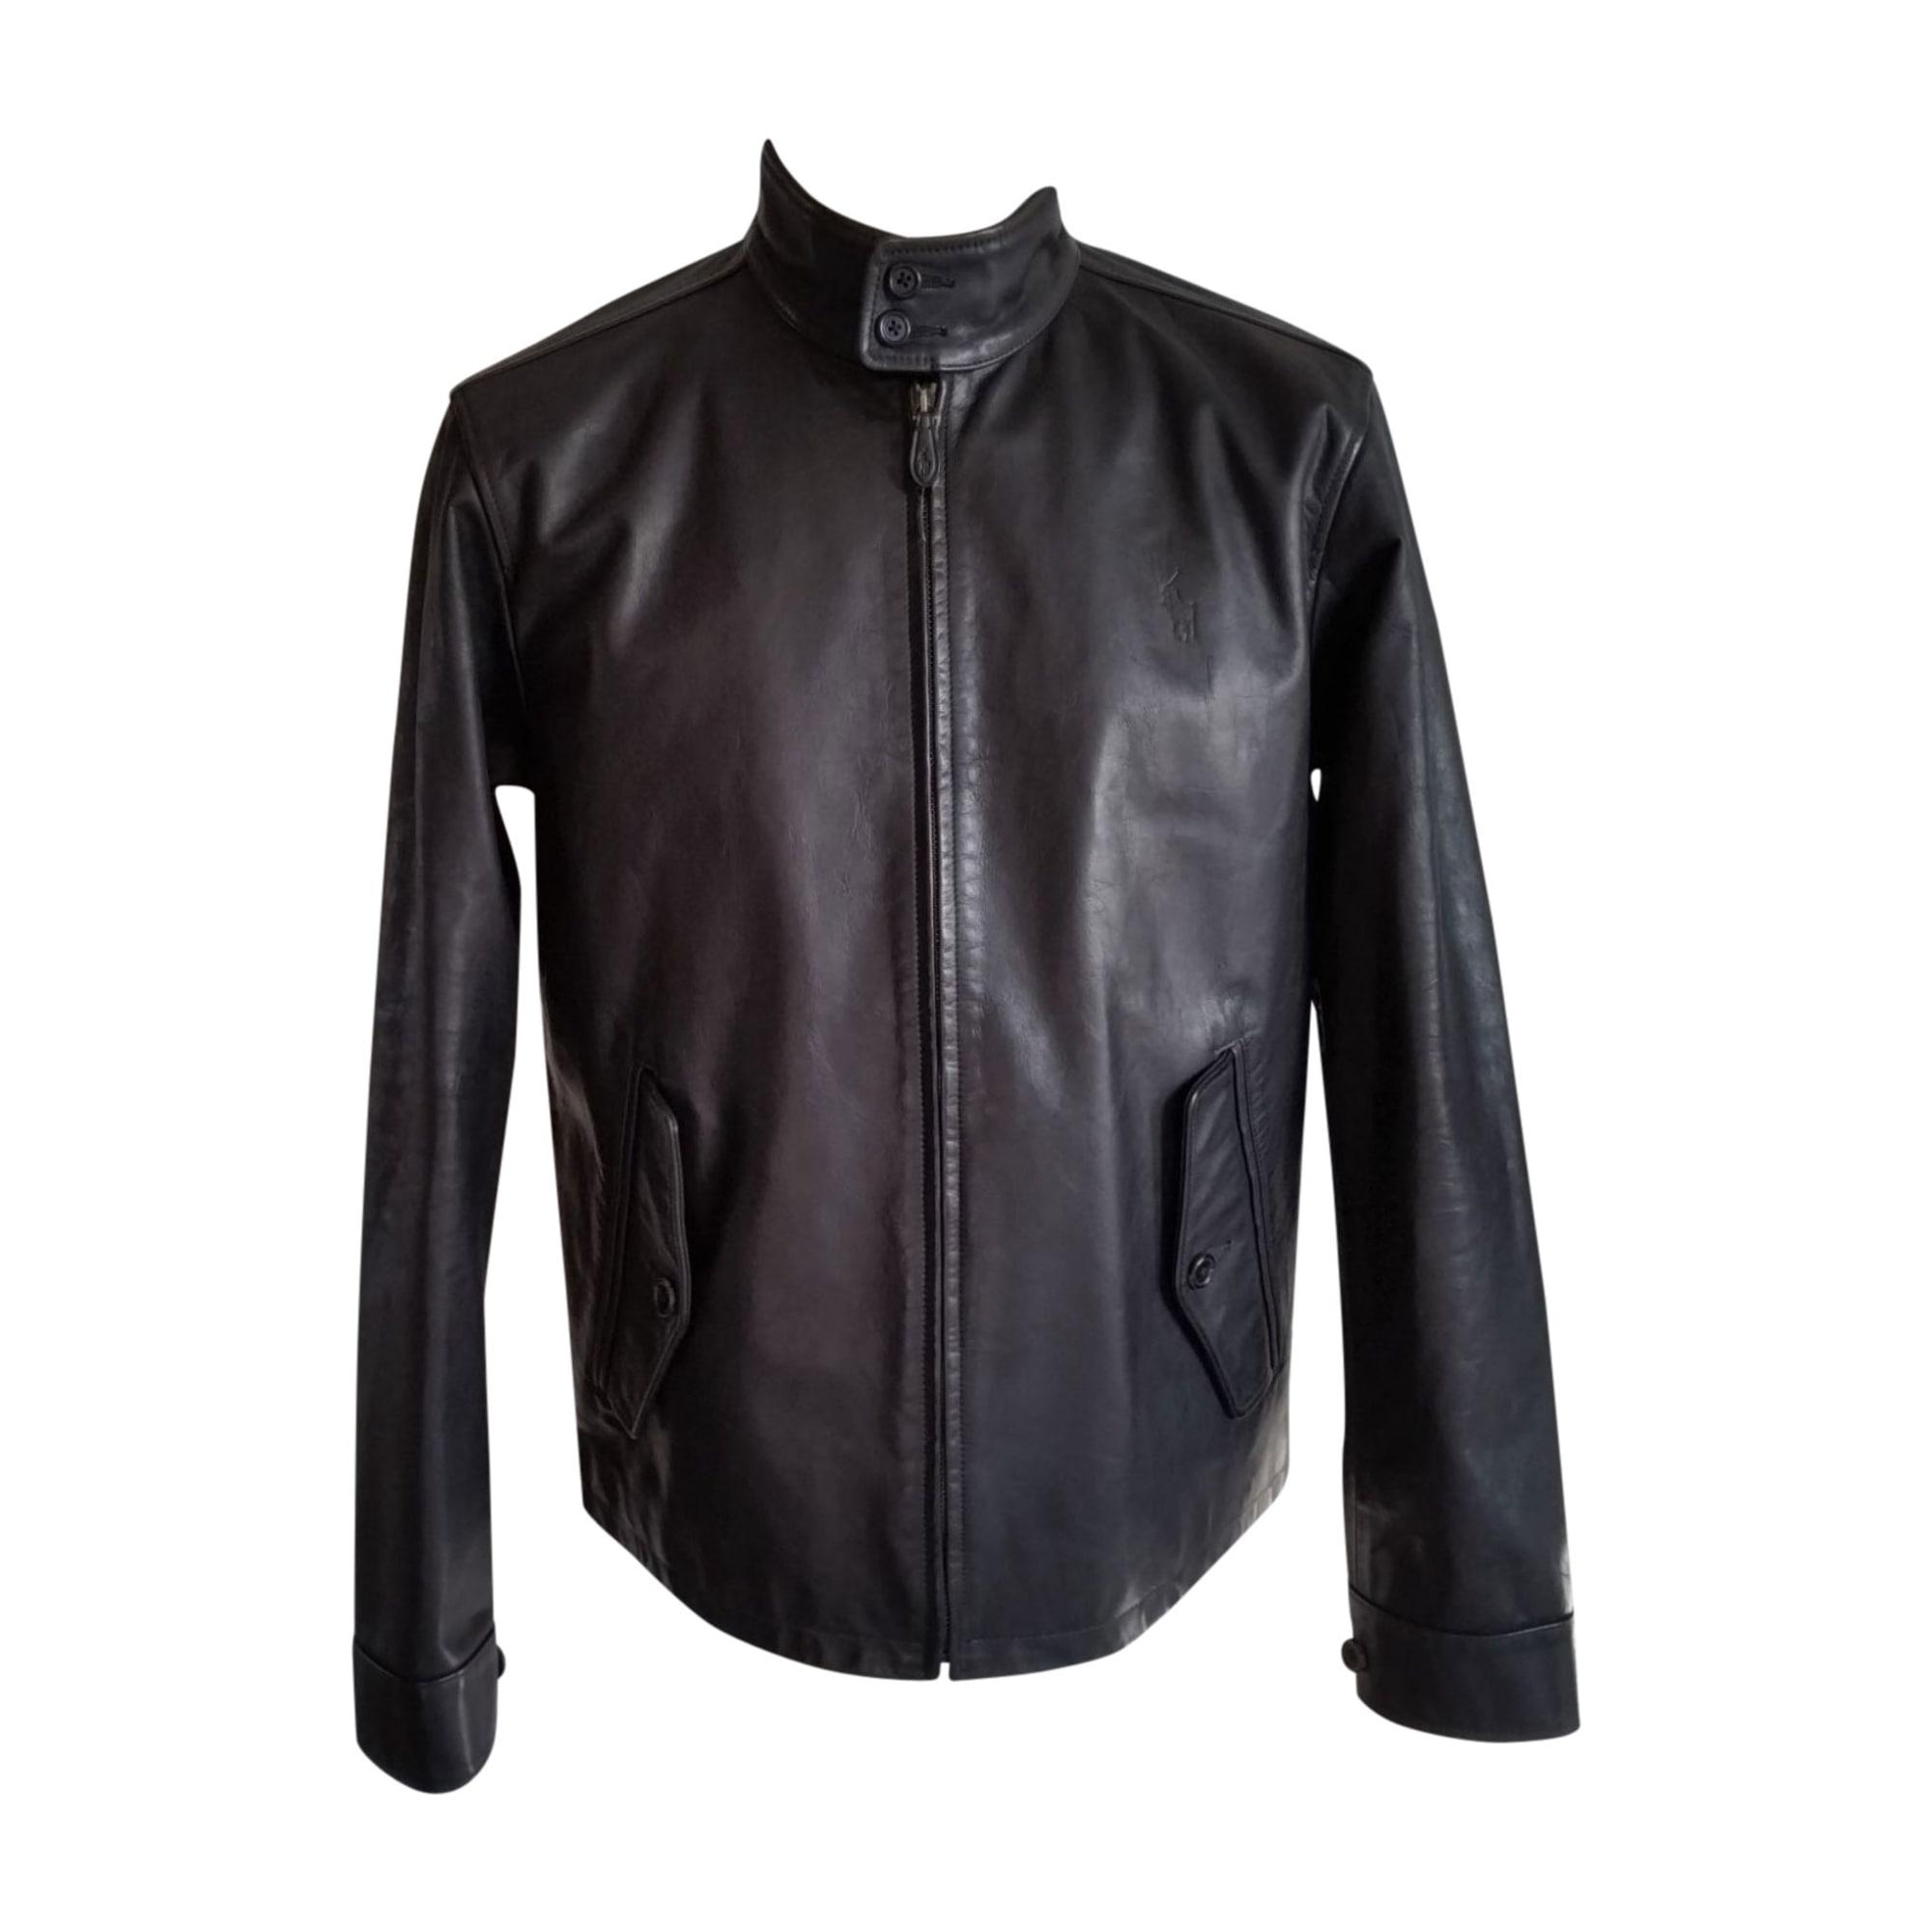 53ebb22107b Veste en cuir RALPH LAUREN 52 (L) noir - 7821625